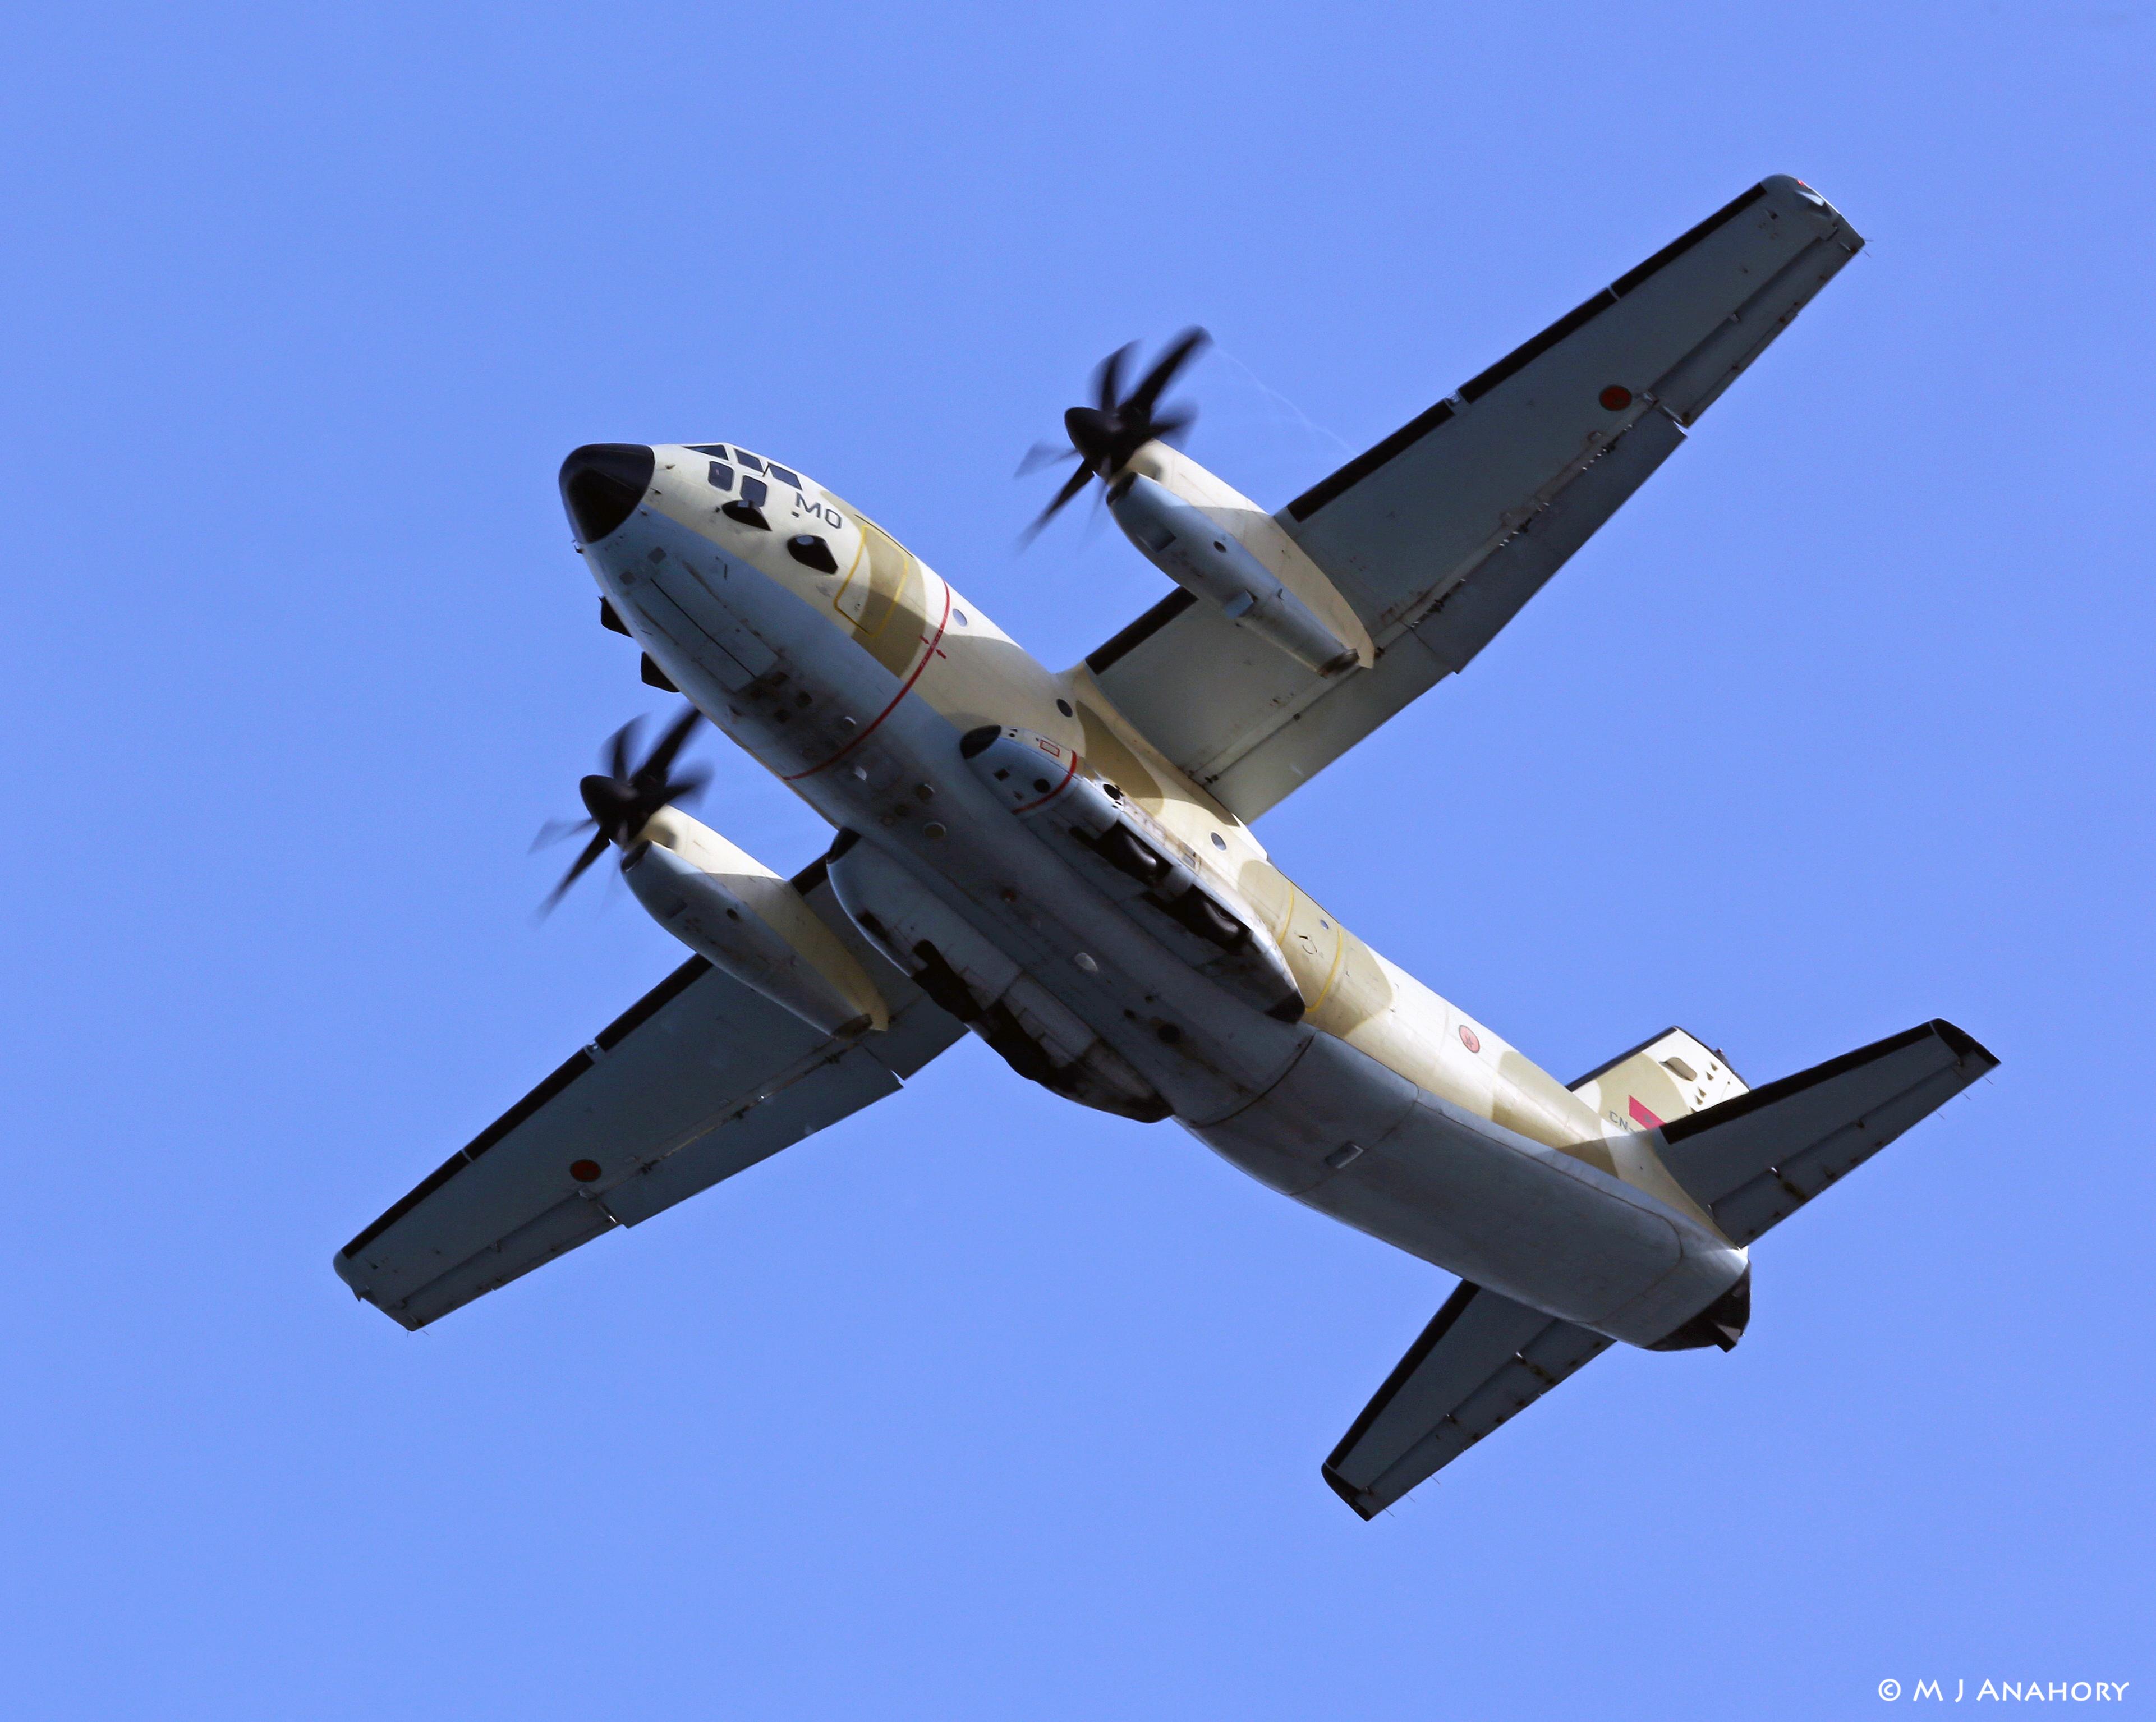 طائرات النقل العاملة بالقوات المسلحة المغربية - صفحة 3 24862209182_af8142233d_o